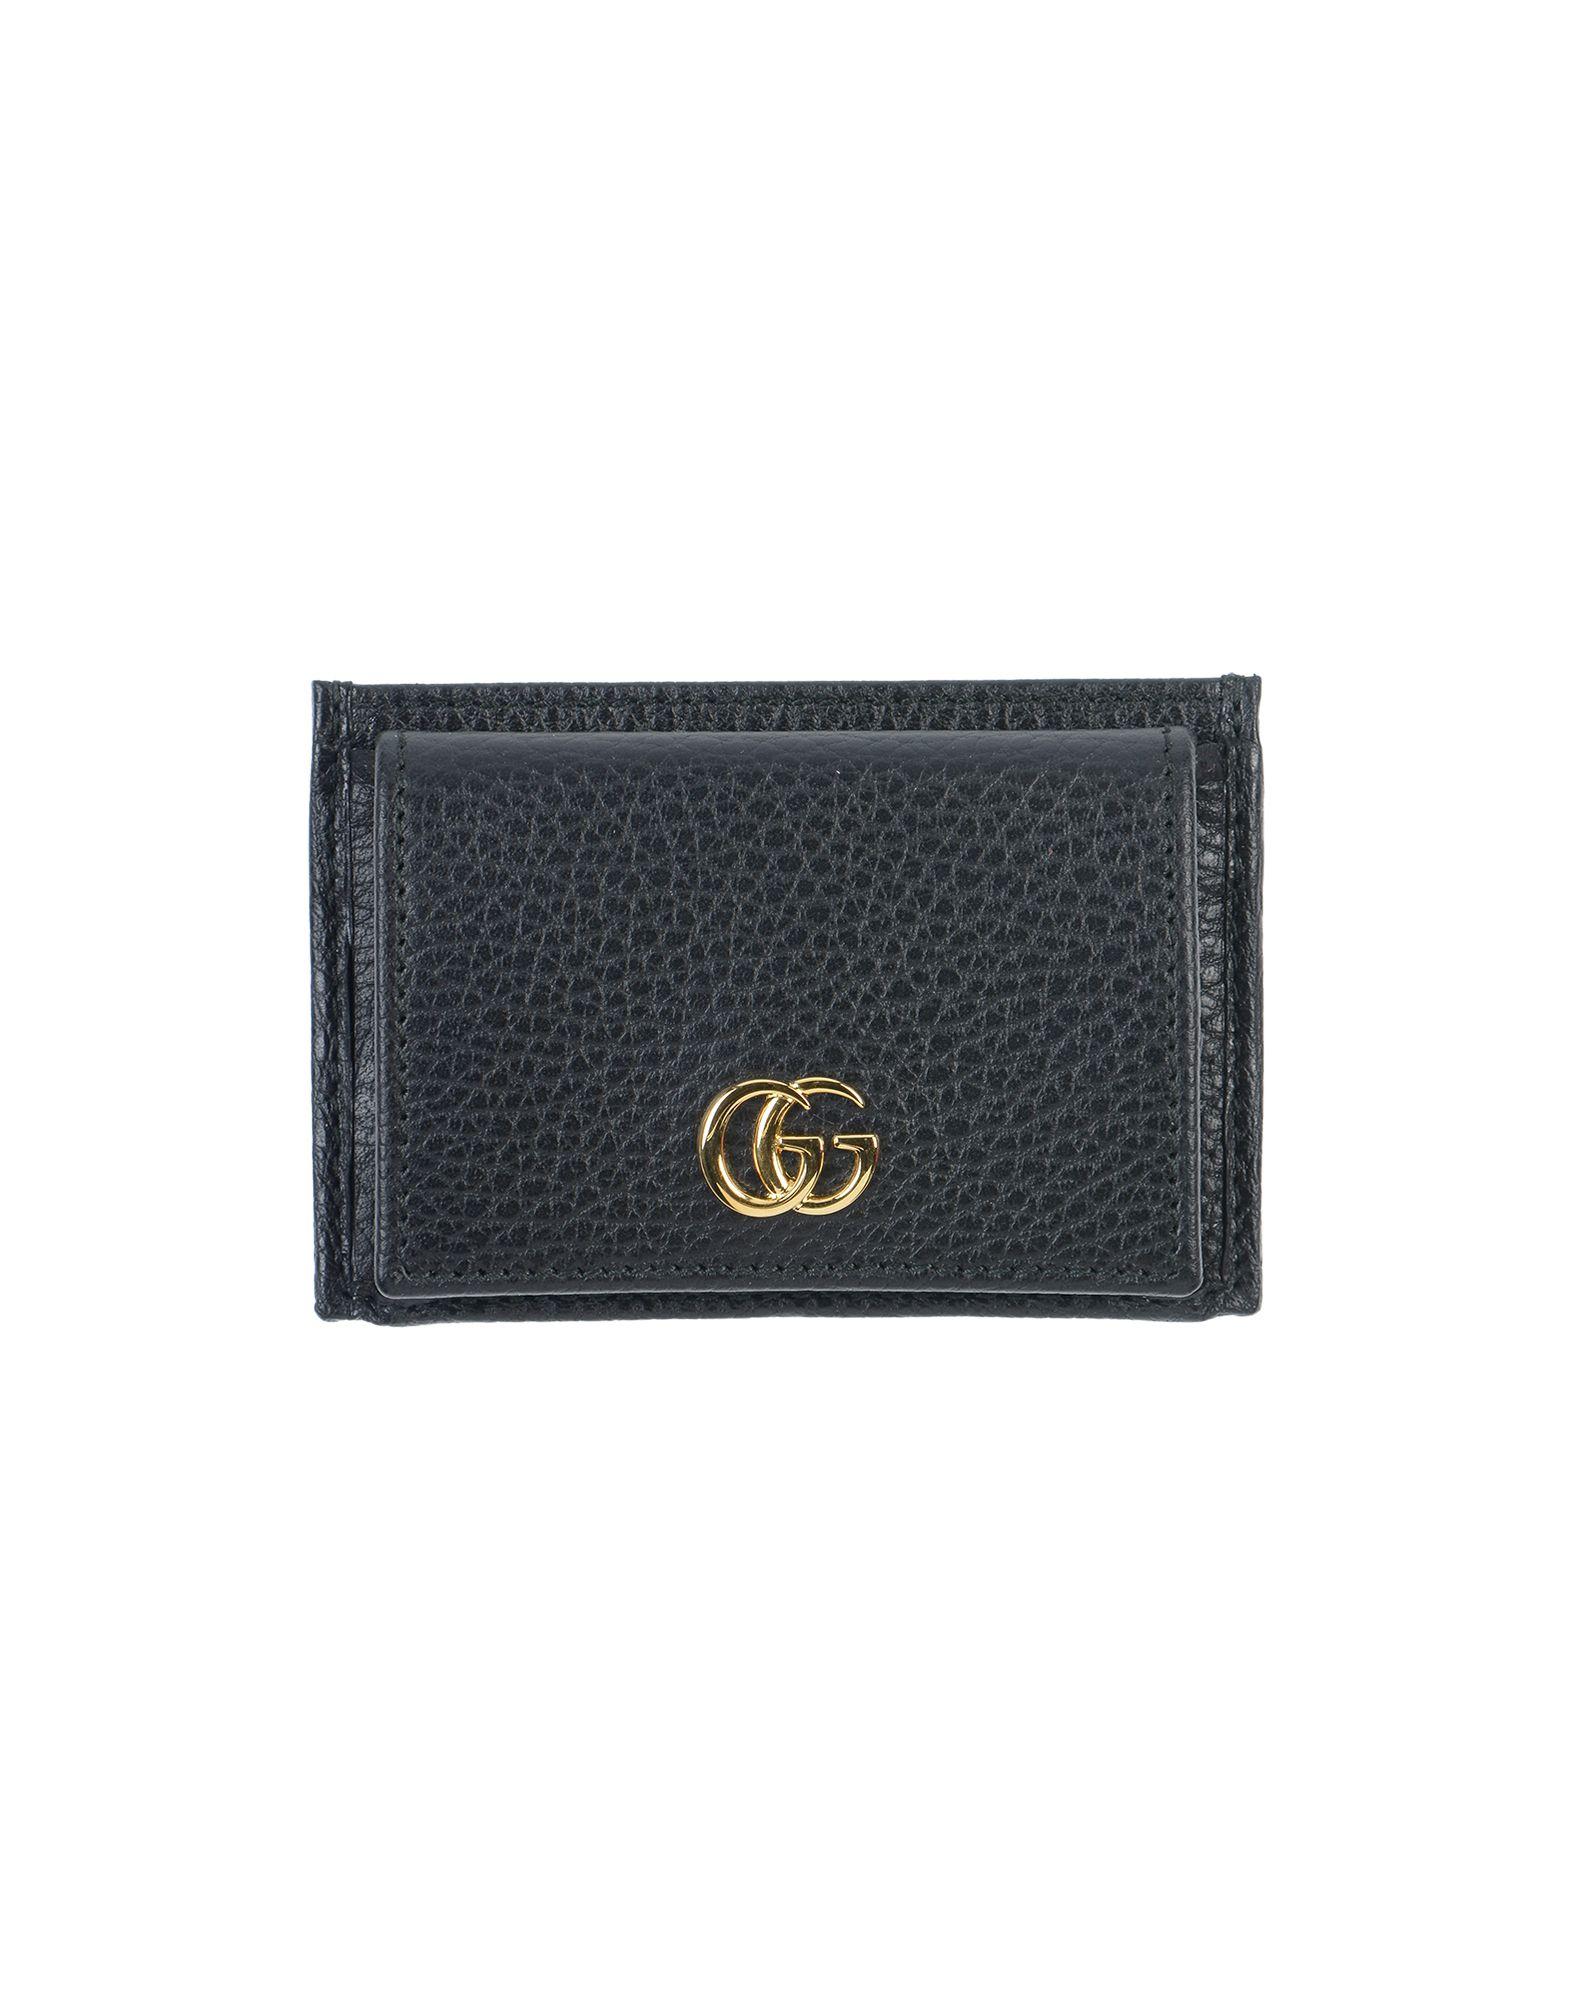 c7149a6f2 Gucci Wallet - Women Gucci Wallets online on YOOX Czech Republic ...